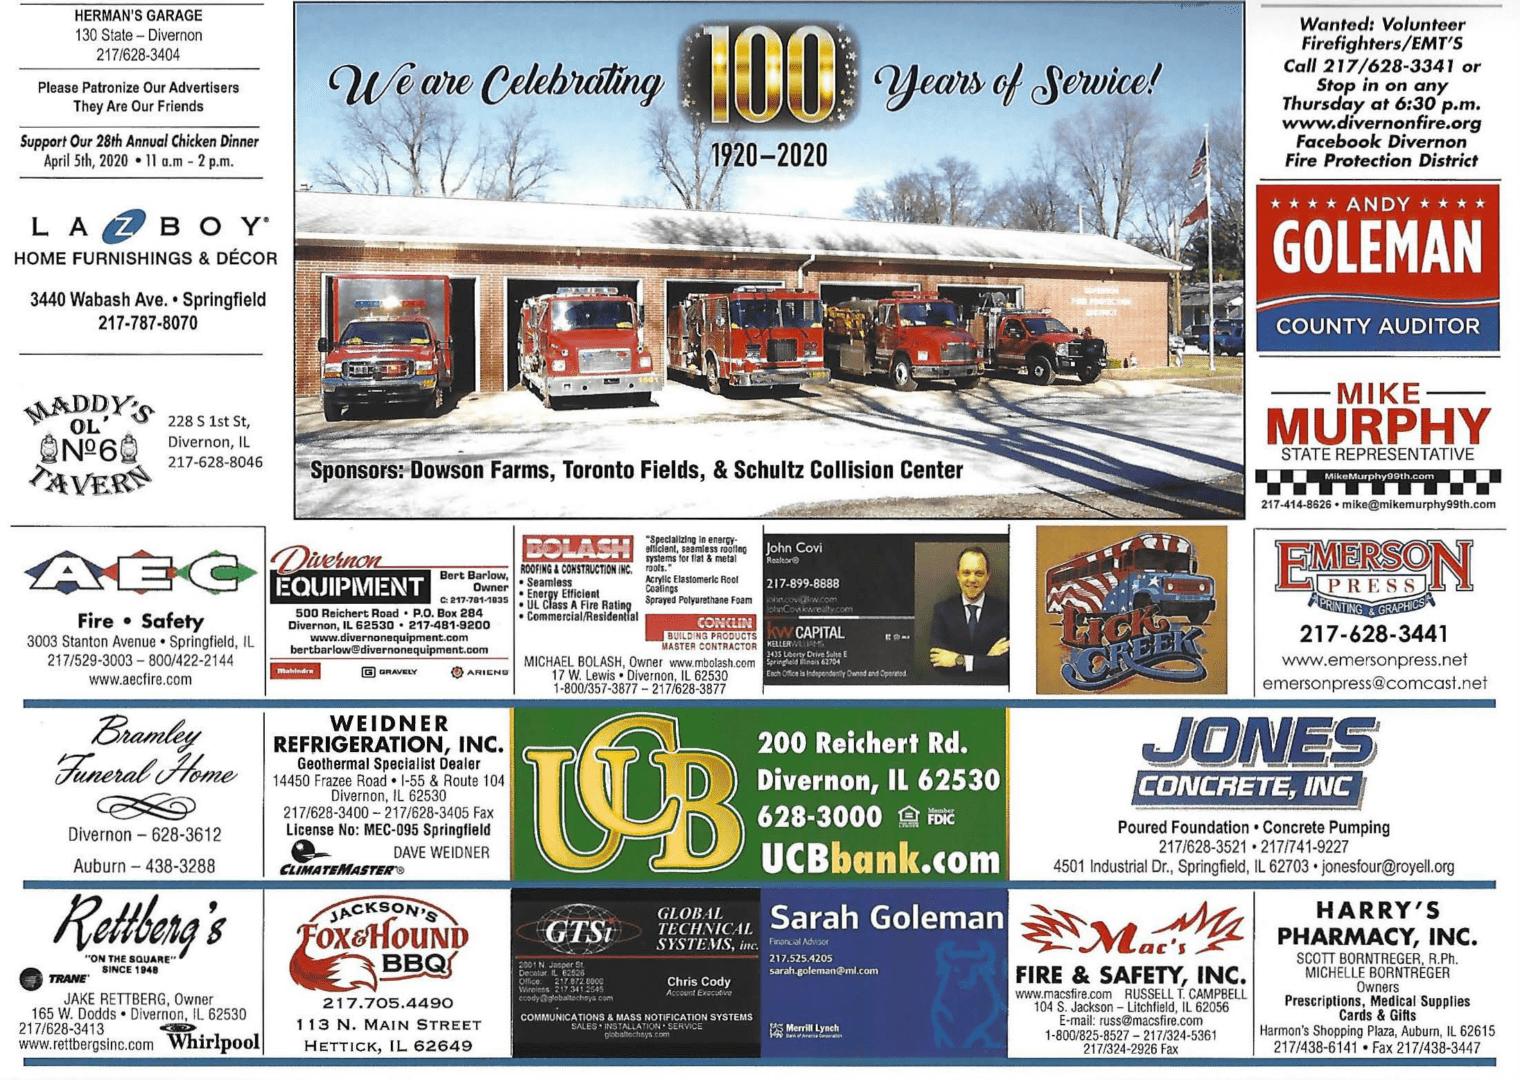 2020 Fire Calendar